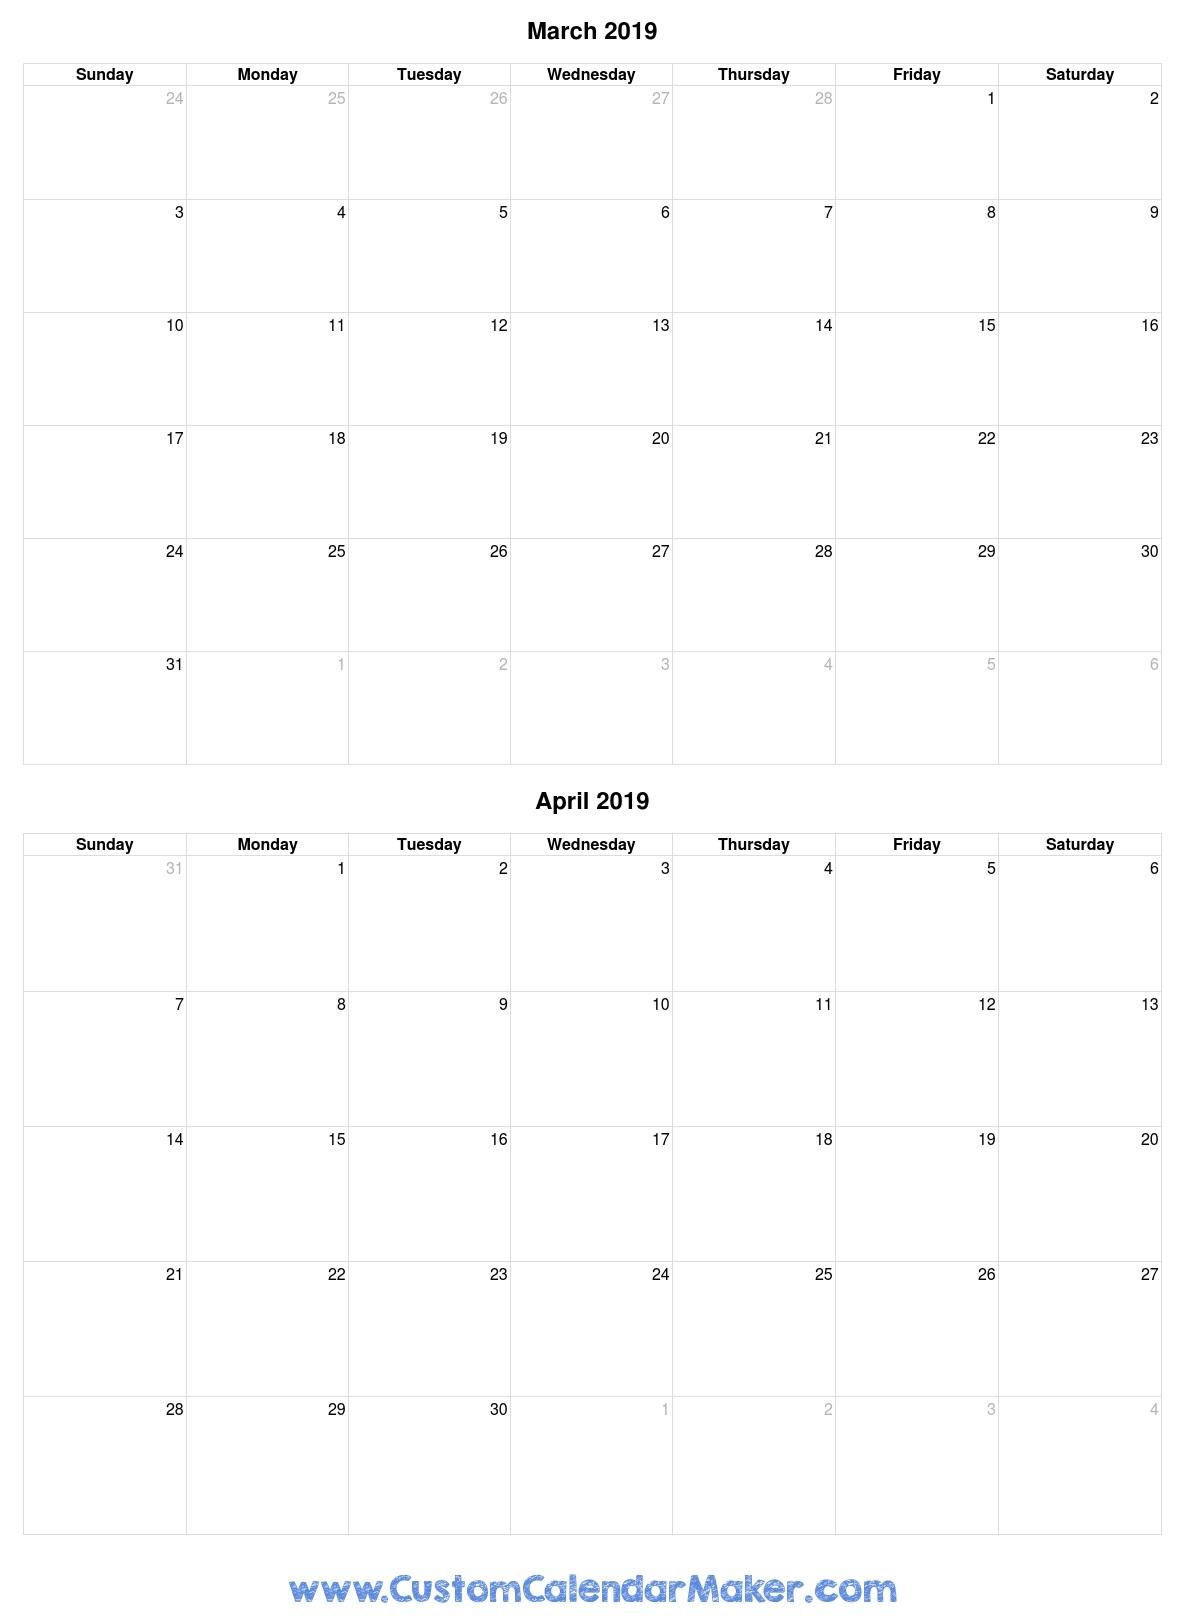 March April 2019 Print Calendar